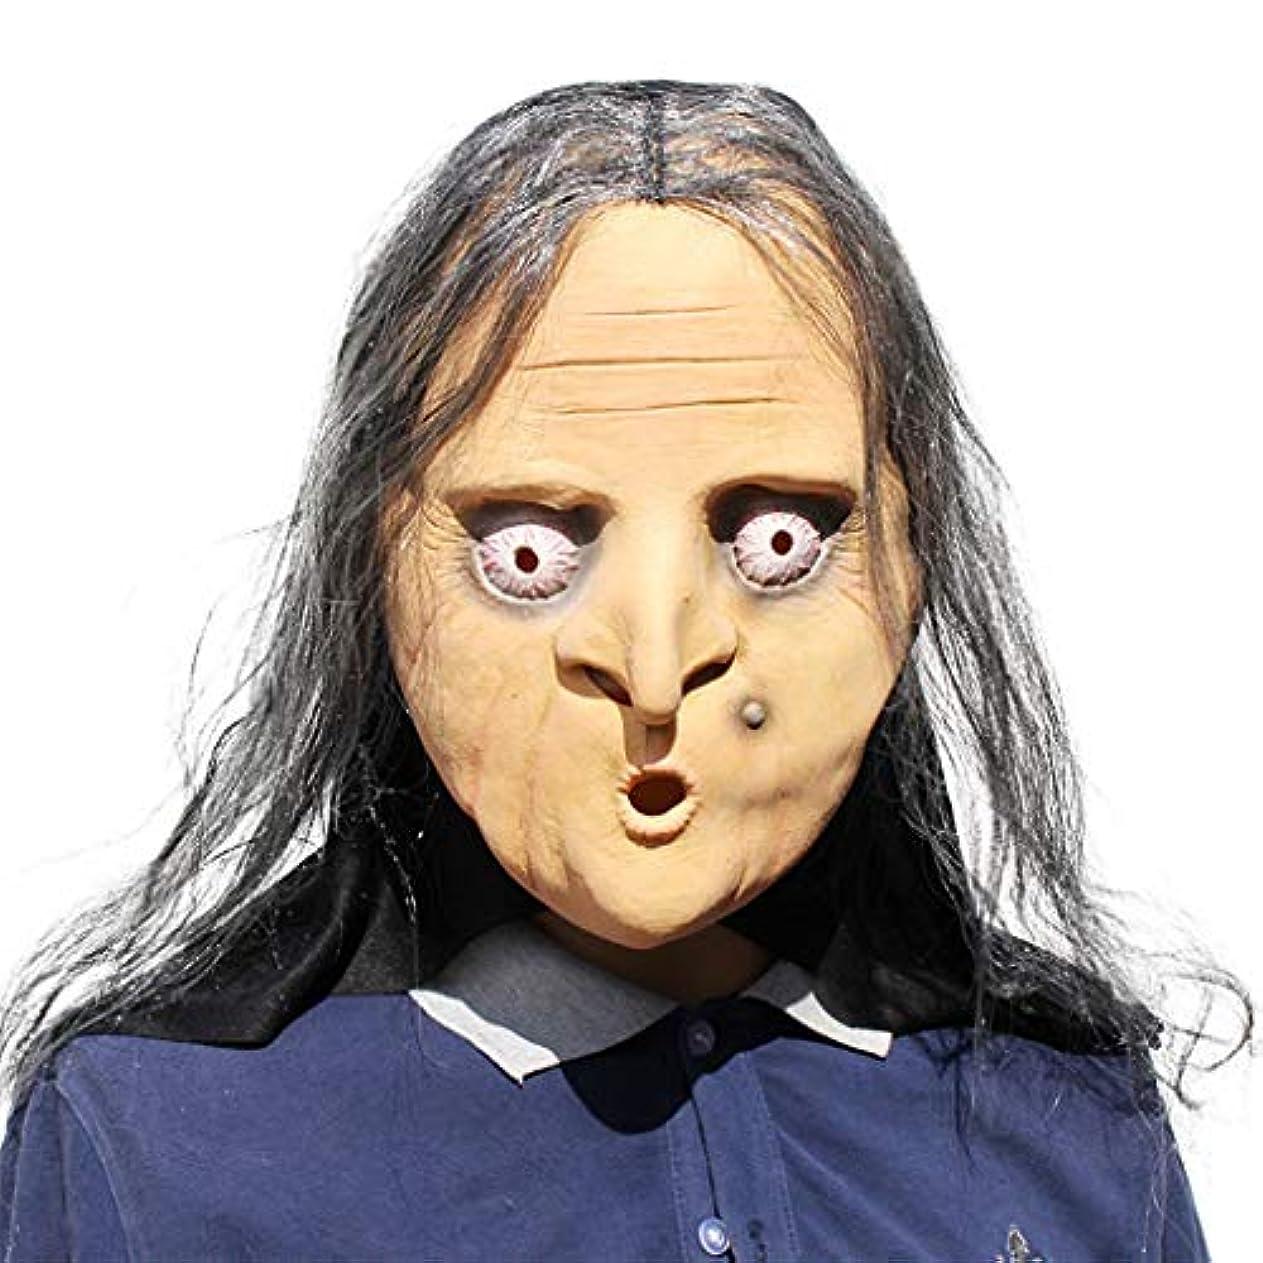 ポルトガル語概要右ハロウィーンマスク、ラテックスマスク、なりすまし魔女怖い通気性快適なフード、ハロウィーン仮装用、ギフト、コスチュームパーティー、イースター